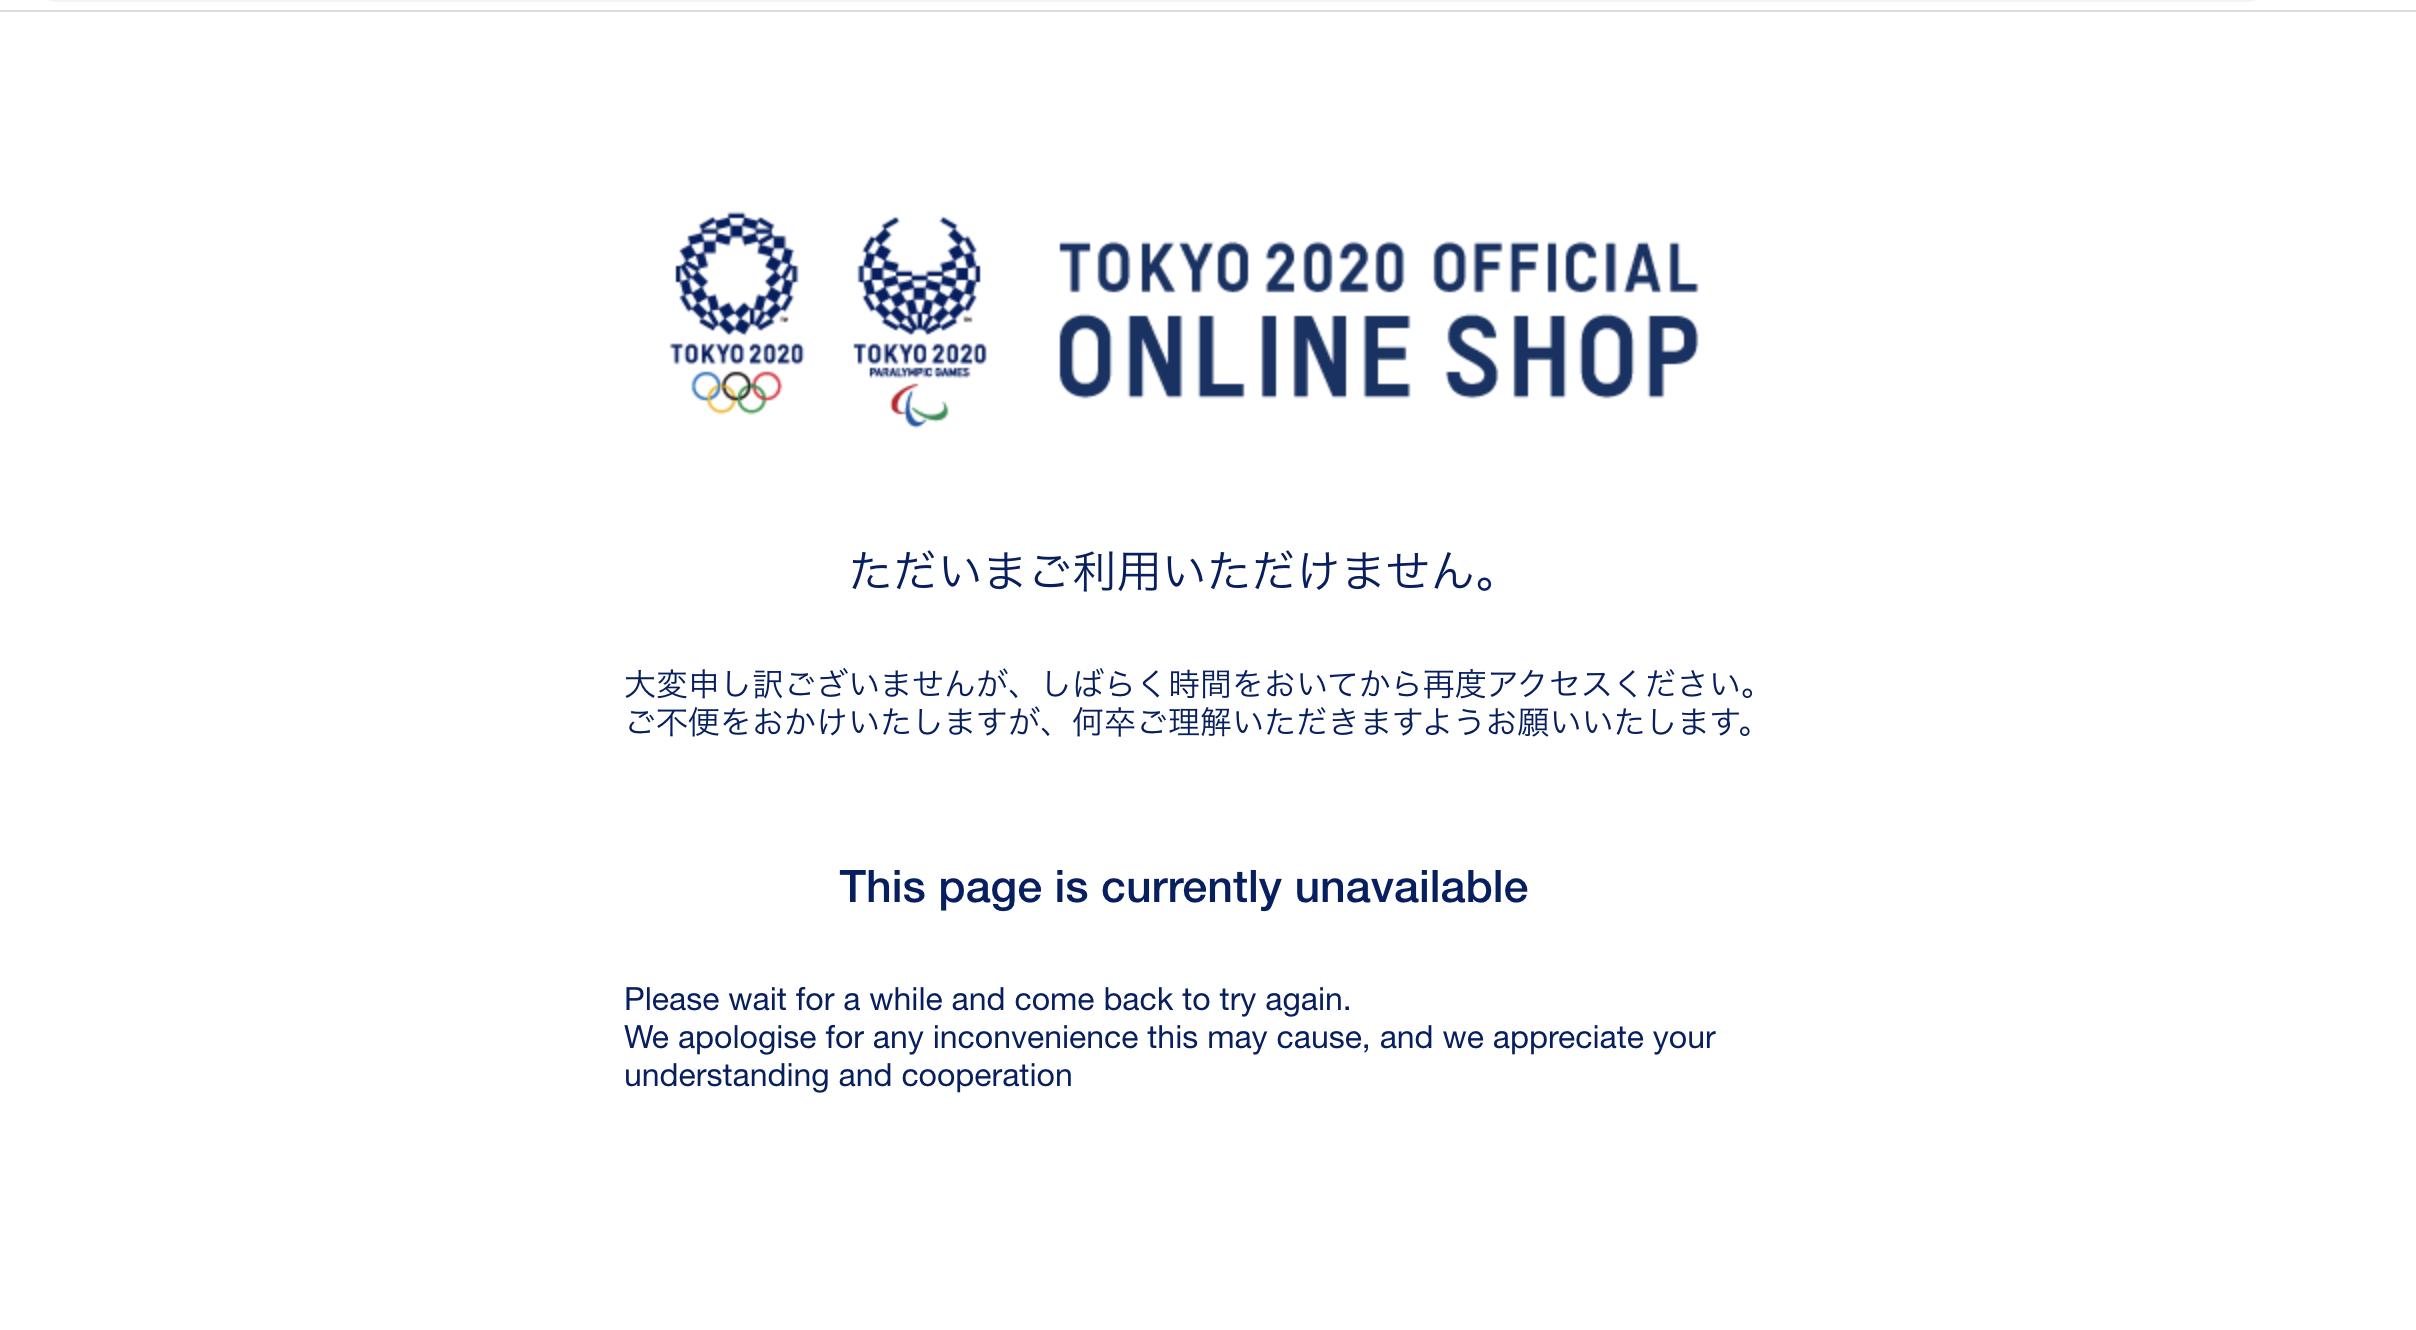 Il Giappone svetta nel medagliere e il merchandising si impenna: offline il sito ufficiale